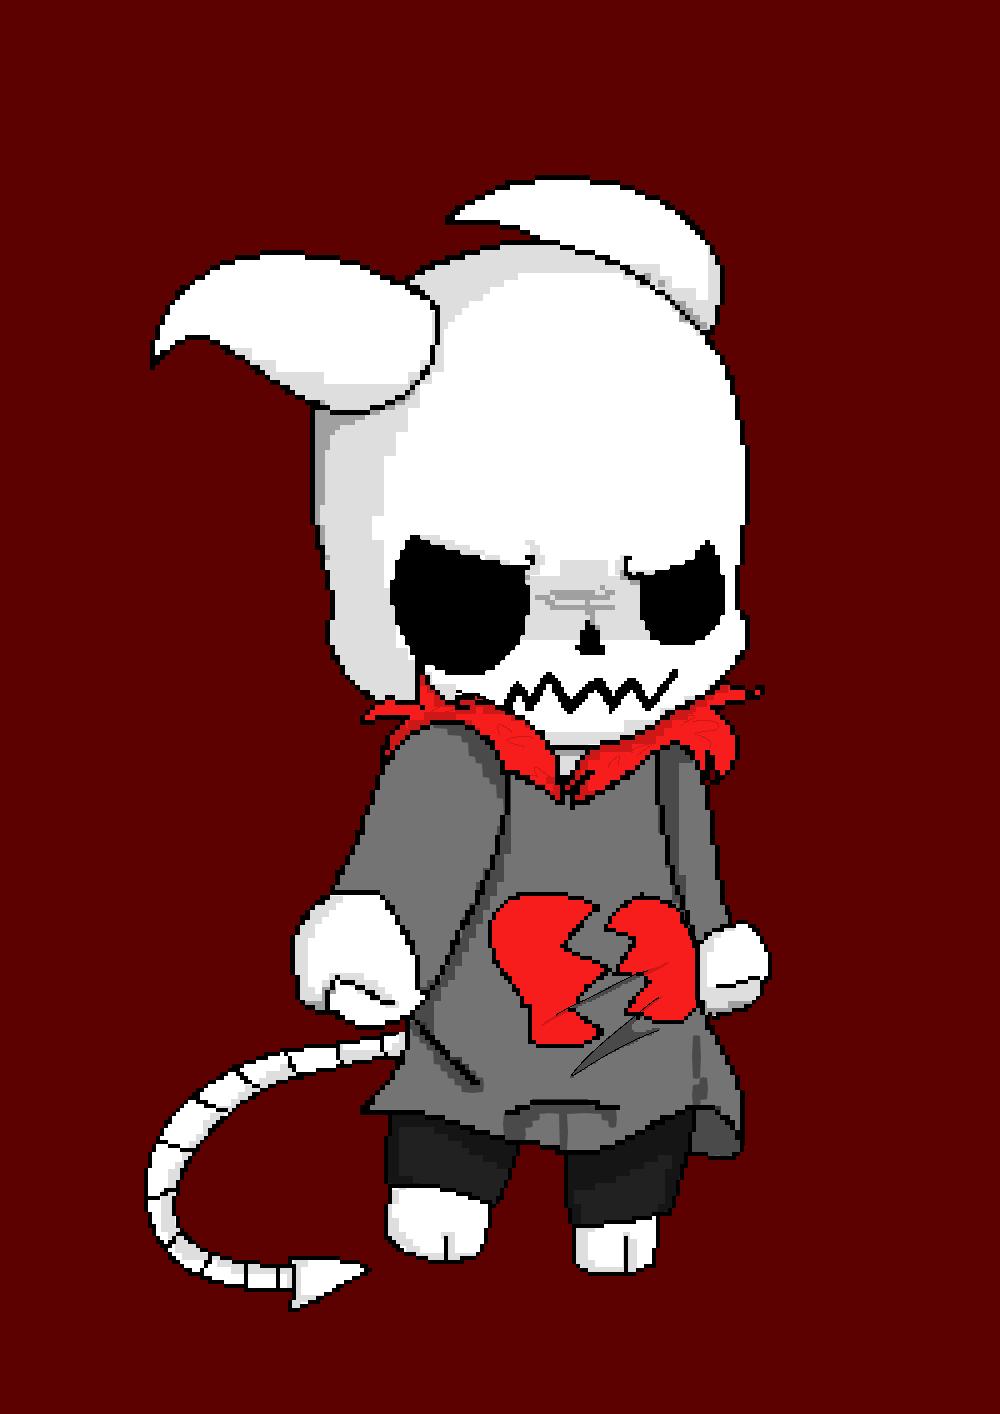 Most recent image: Skeledrake